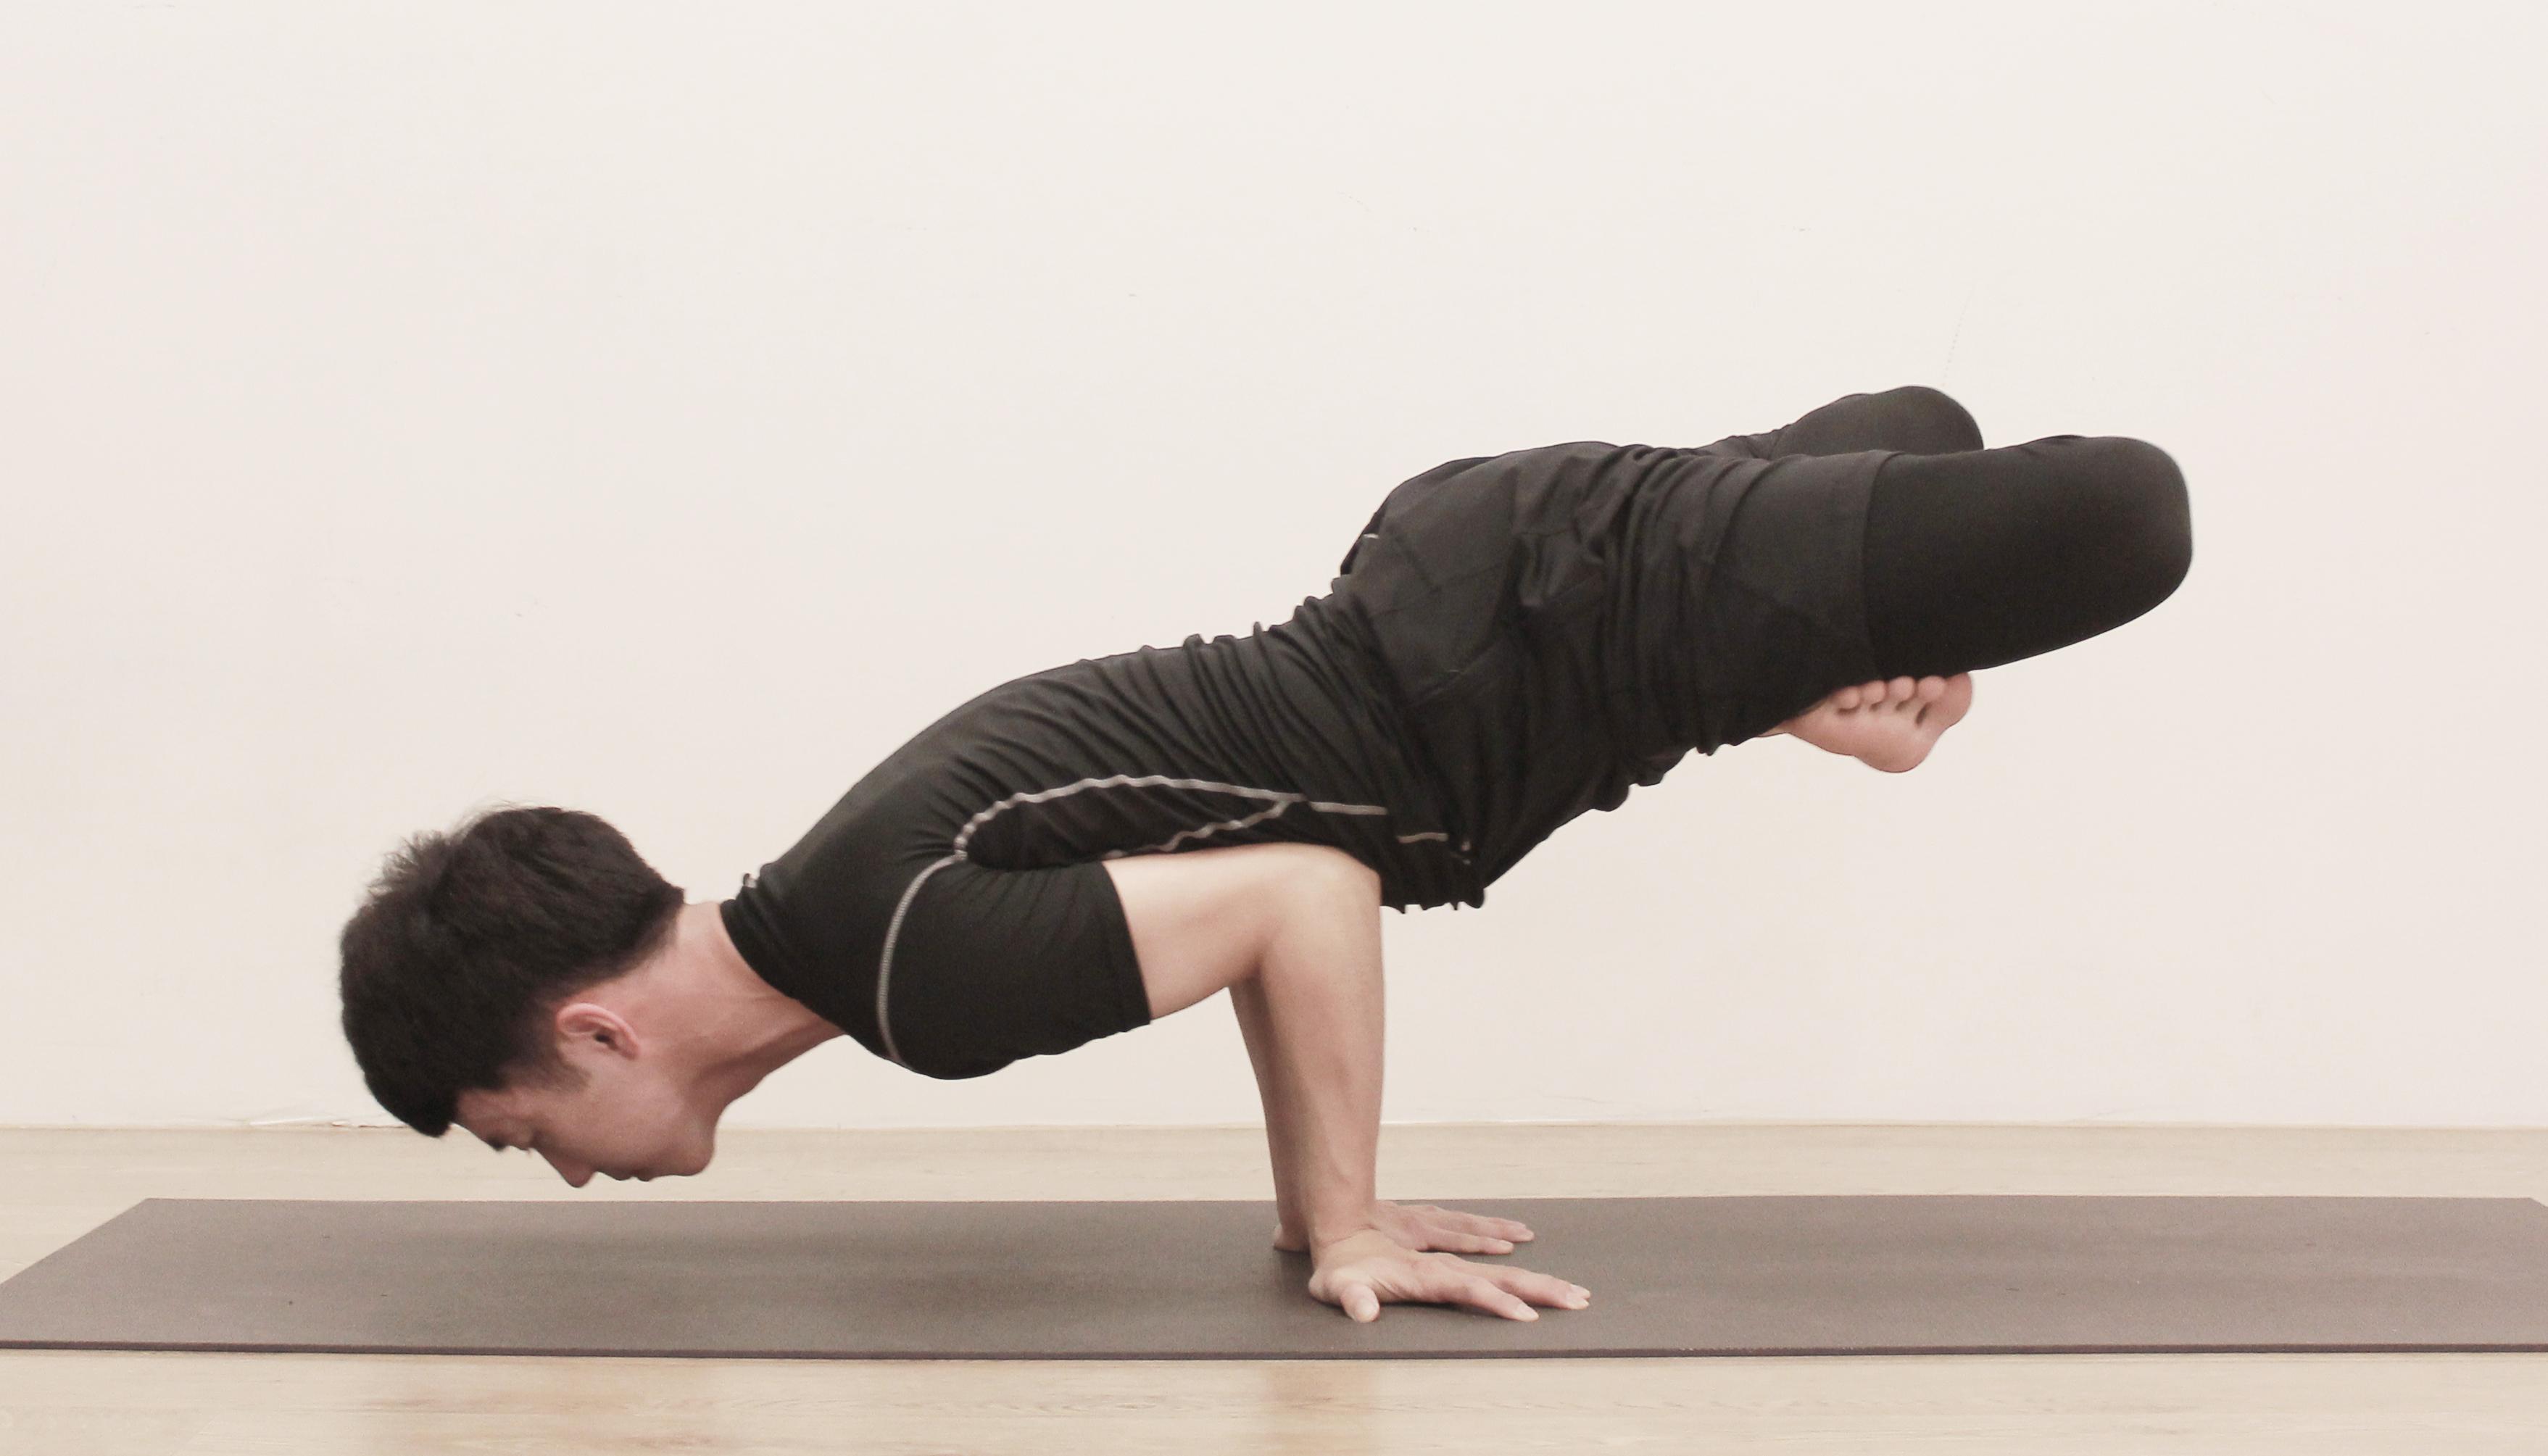 Yoga Teacher — Jason<br /><p>從小我就是個熱愛各種球類運動的人,而其中羽球最為喜愛,但是在長期運動過度之下導致膝蓋、手腕、腳踝、腰椎、背部產生嚴重的運動傷害,因為舊傷的關係</p>